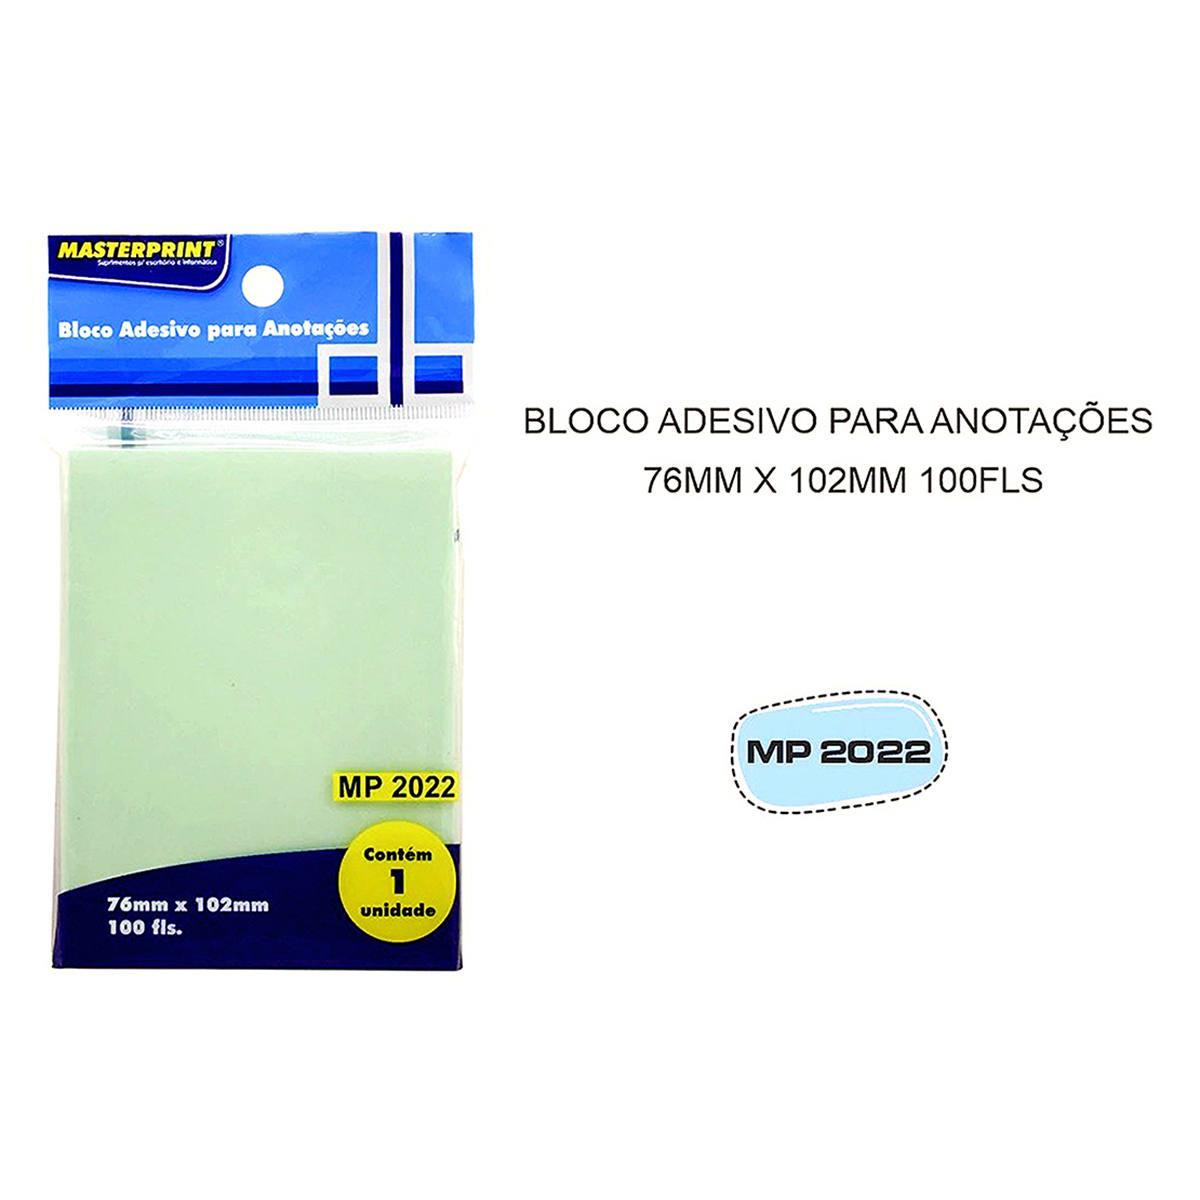 Bloco Adesivo para Anotações Verde 76x102mm com 100 Folhas Masterprint MP2022